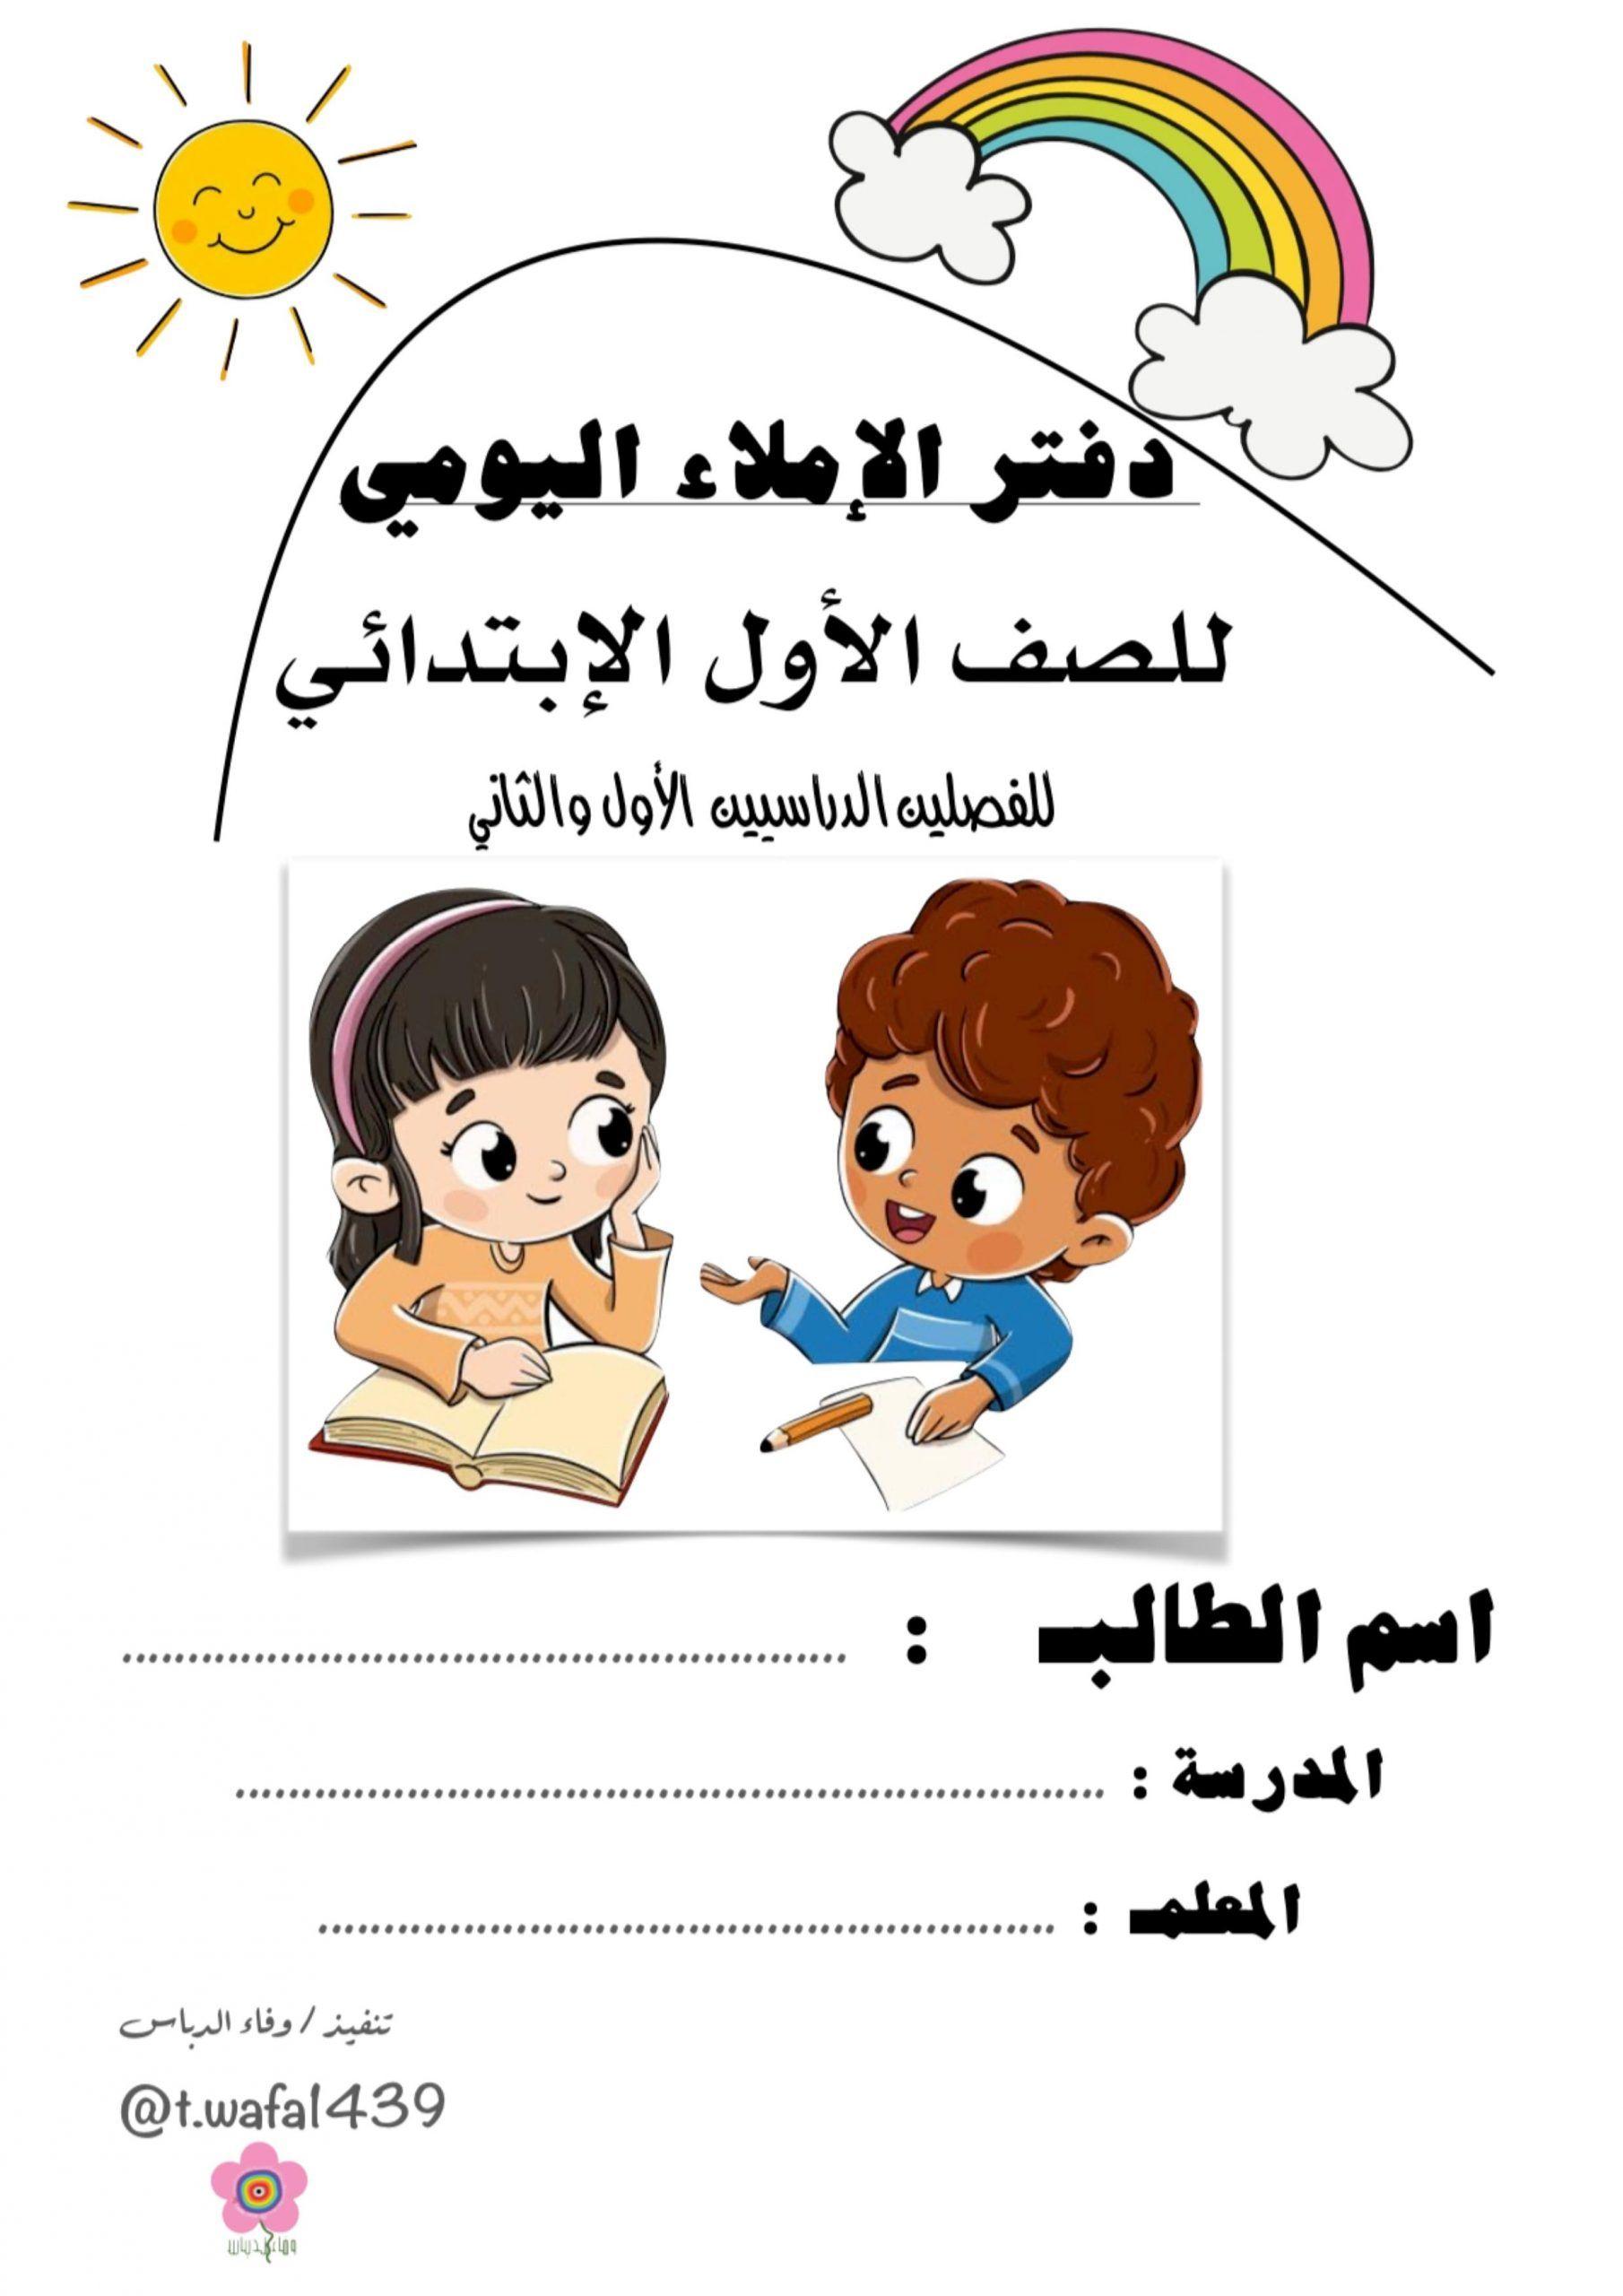 دفتر الاملاء اليومي جميل لطلاب الصف الاول مادة اللغة العربية Language Iphone Wallpaper Fictional Characters